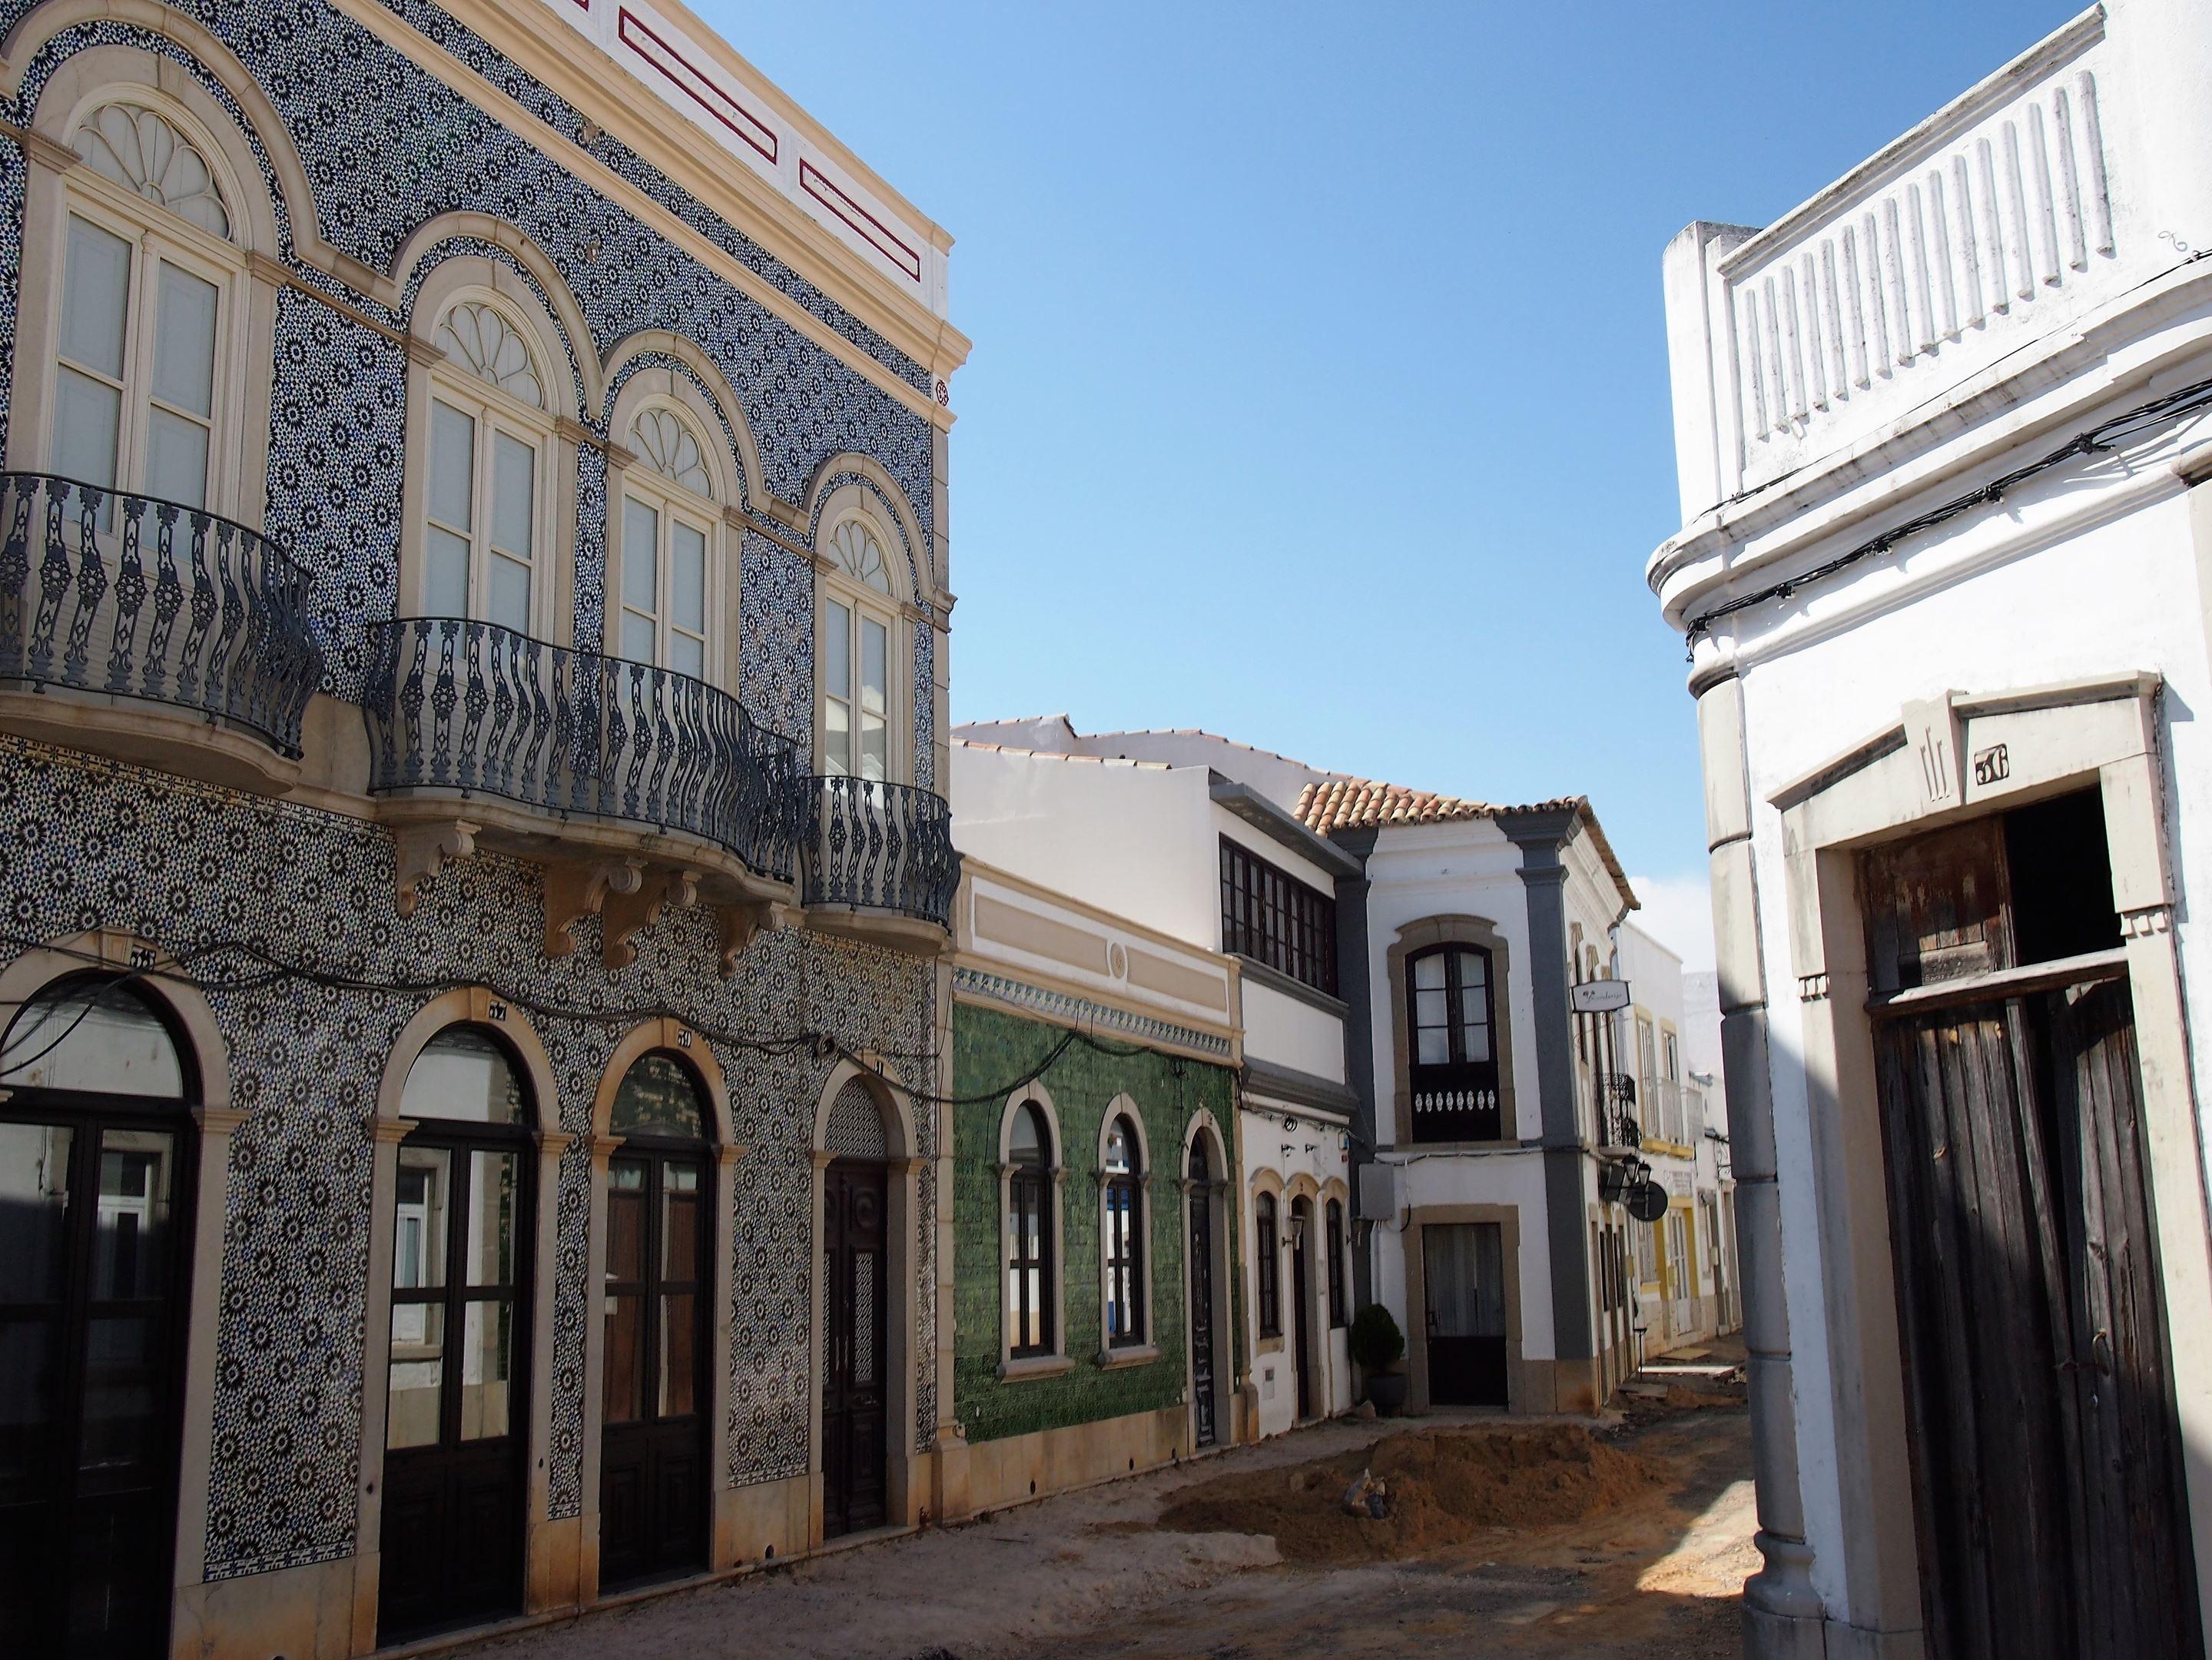 A bonita e tranquila zona da parte antiga da cidade de São Brás de Alportel, com o restaurante Ysconderijo ao fundo